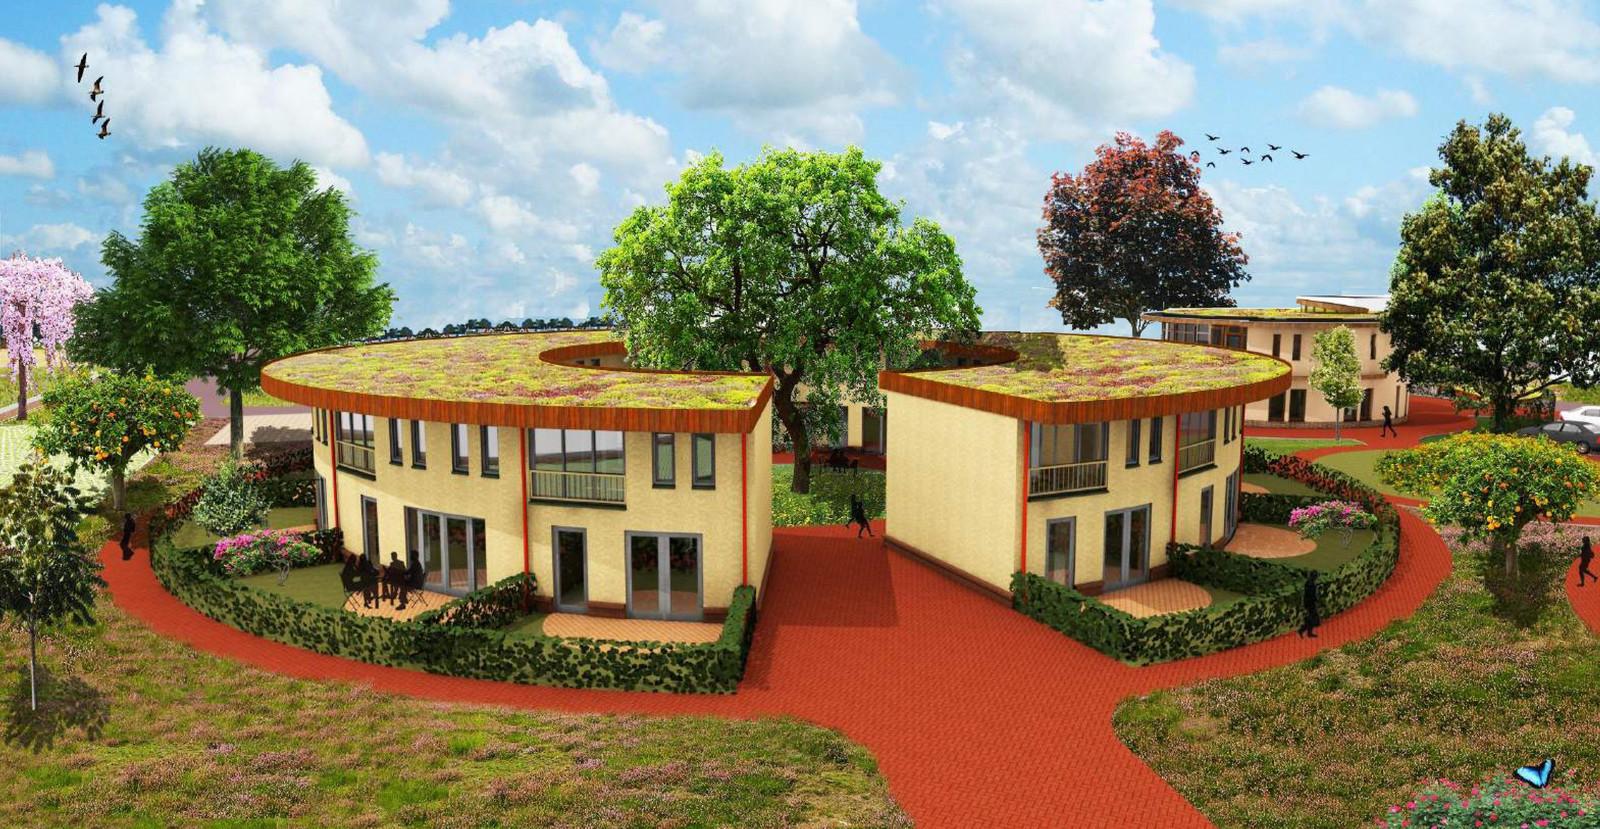 Het defintieve ontwerp voor het Ecodorp in Boekel, van de hand van architect Huub van Laarhoven uit Gilze. Het dorp wordt gebouwd in drie cirkels van elk tien woningen.